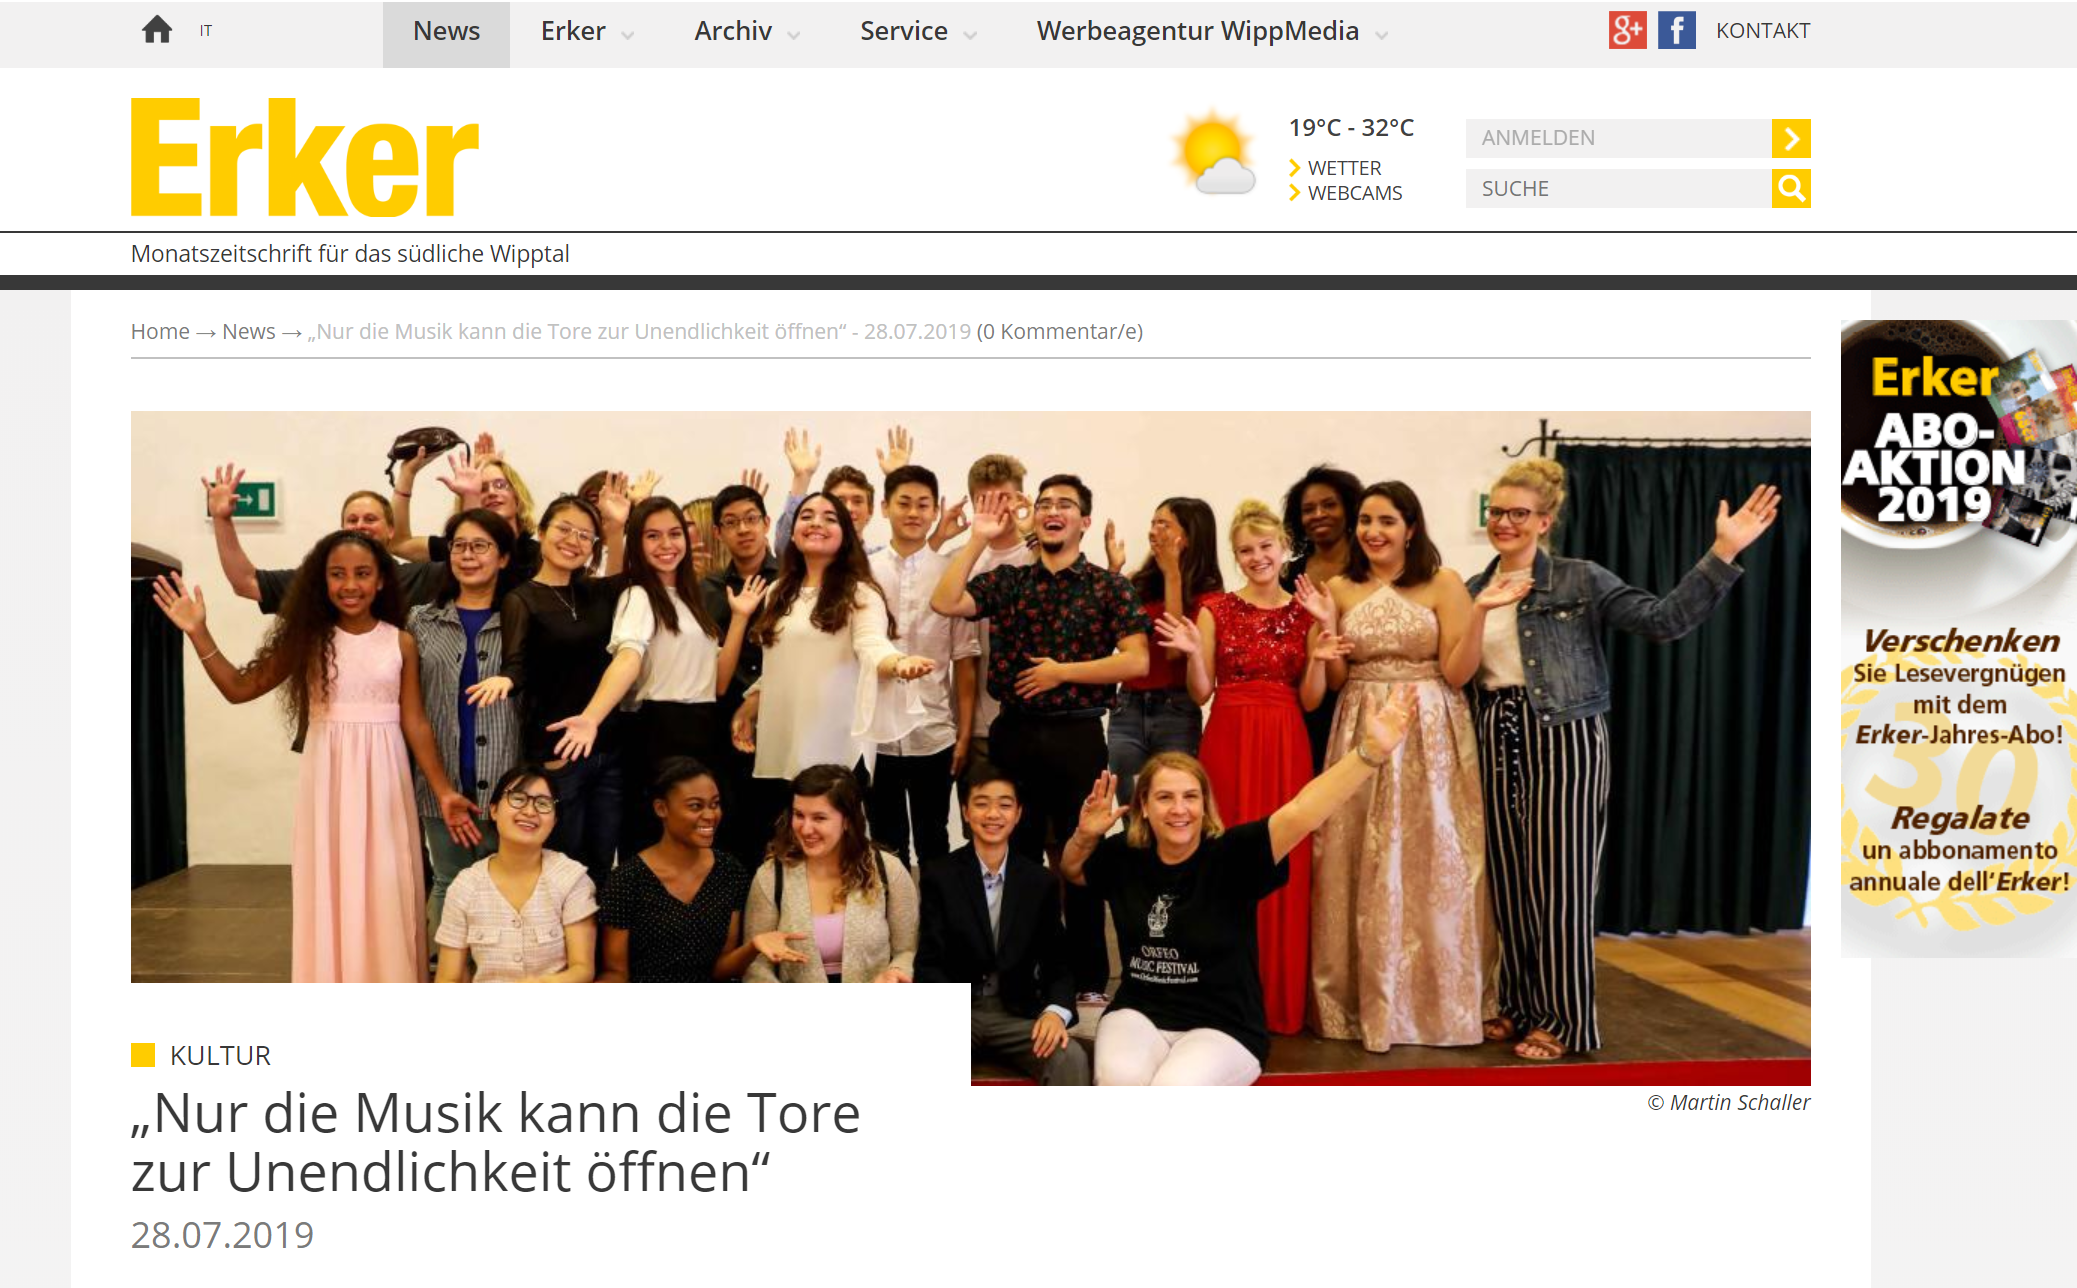 2019-08-01 ERKER article- Nur die Musik 110955.png